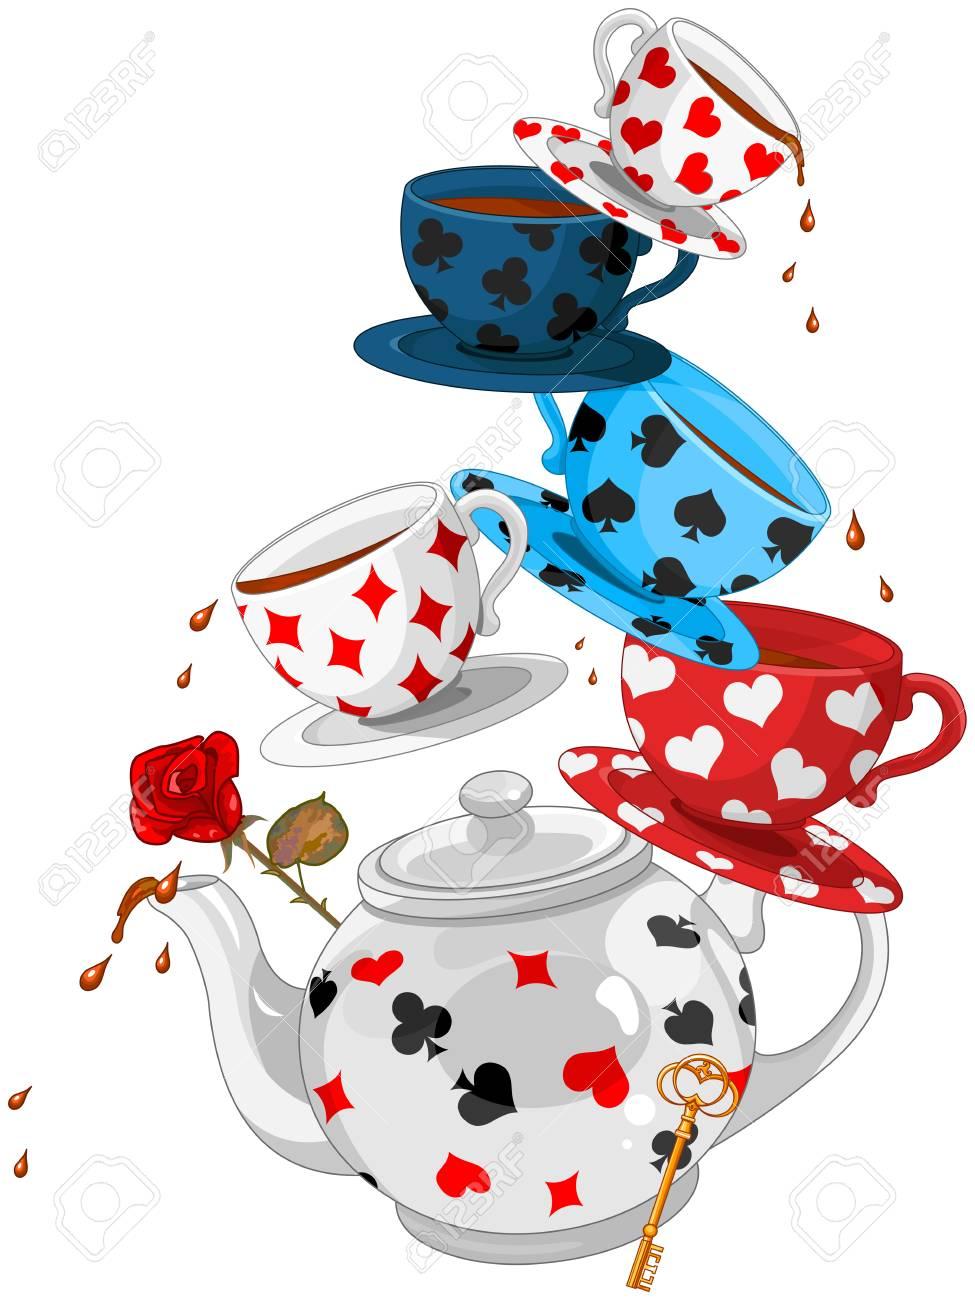 Wonderland Mad Tea Party Pyramid - 87950547